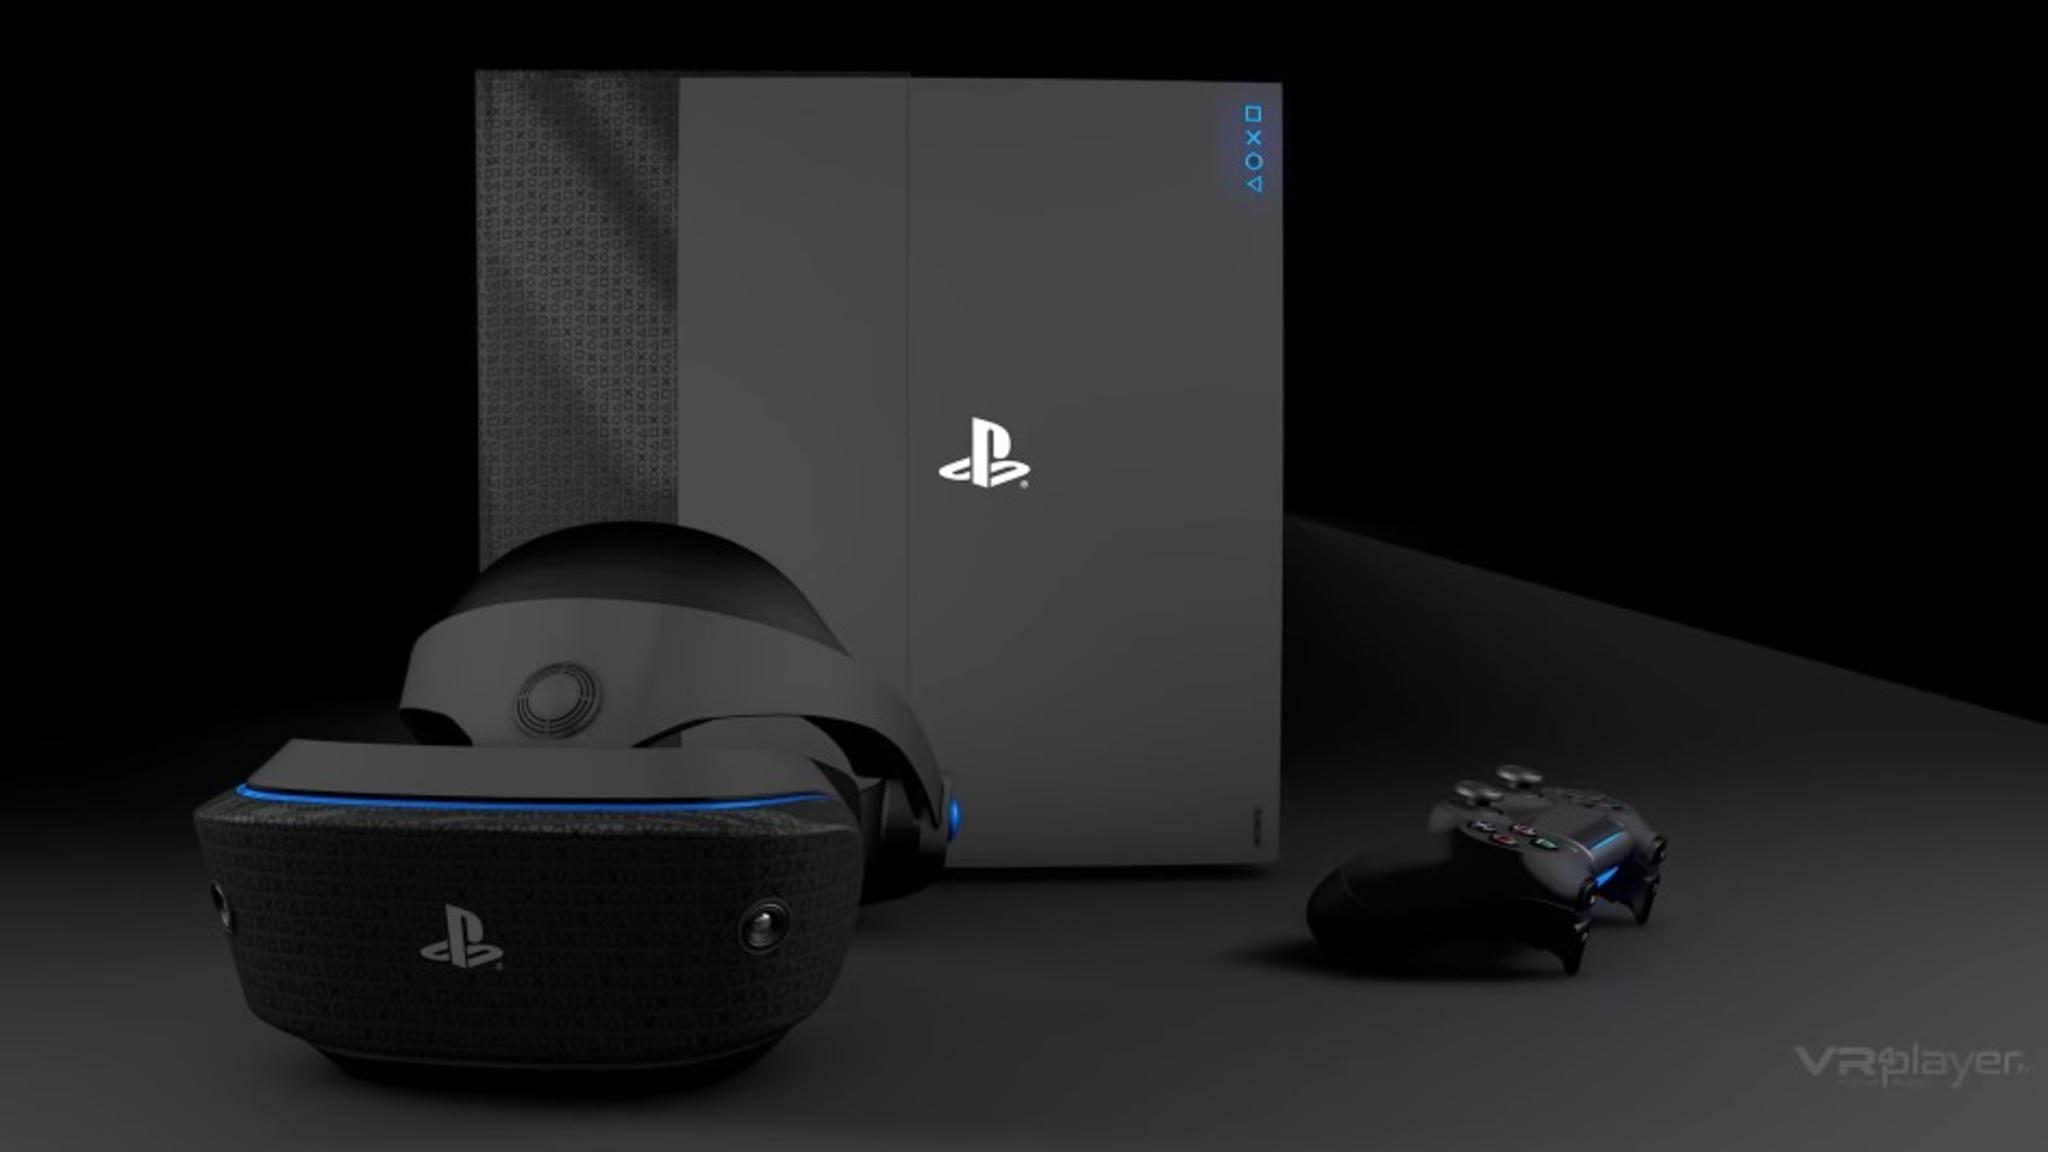 Konzeptbild: Die PlayStation 5 kommt bestimmt – nur wann genau, das weiß nur Sony.